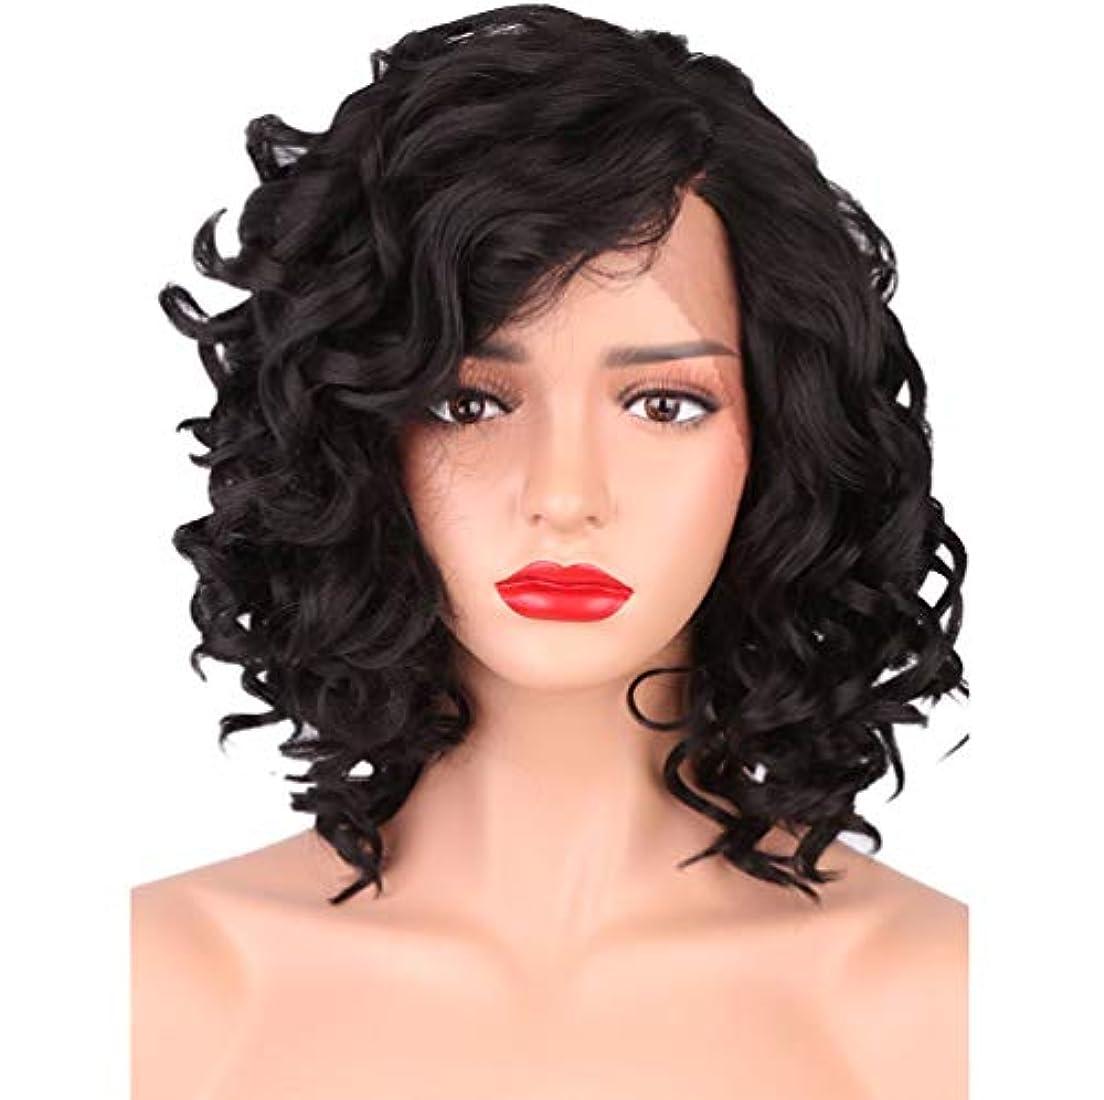 差話をする考える女性用ウィッグブラジルショートヘアナチュラルウェーブカーリー合成繊維ウィッグブラック45cm